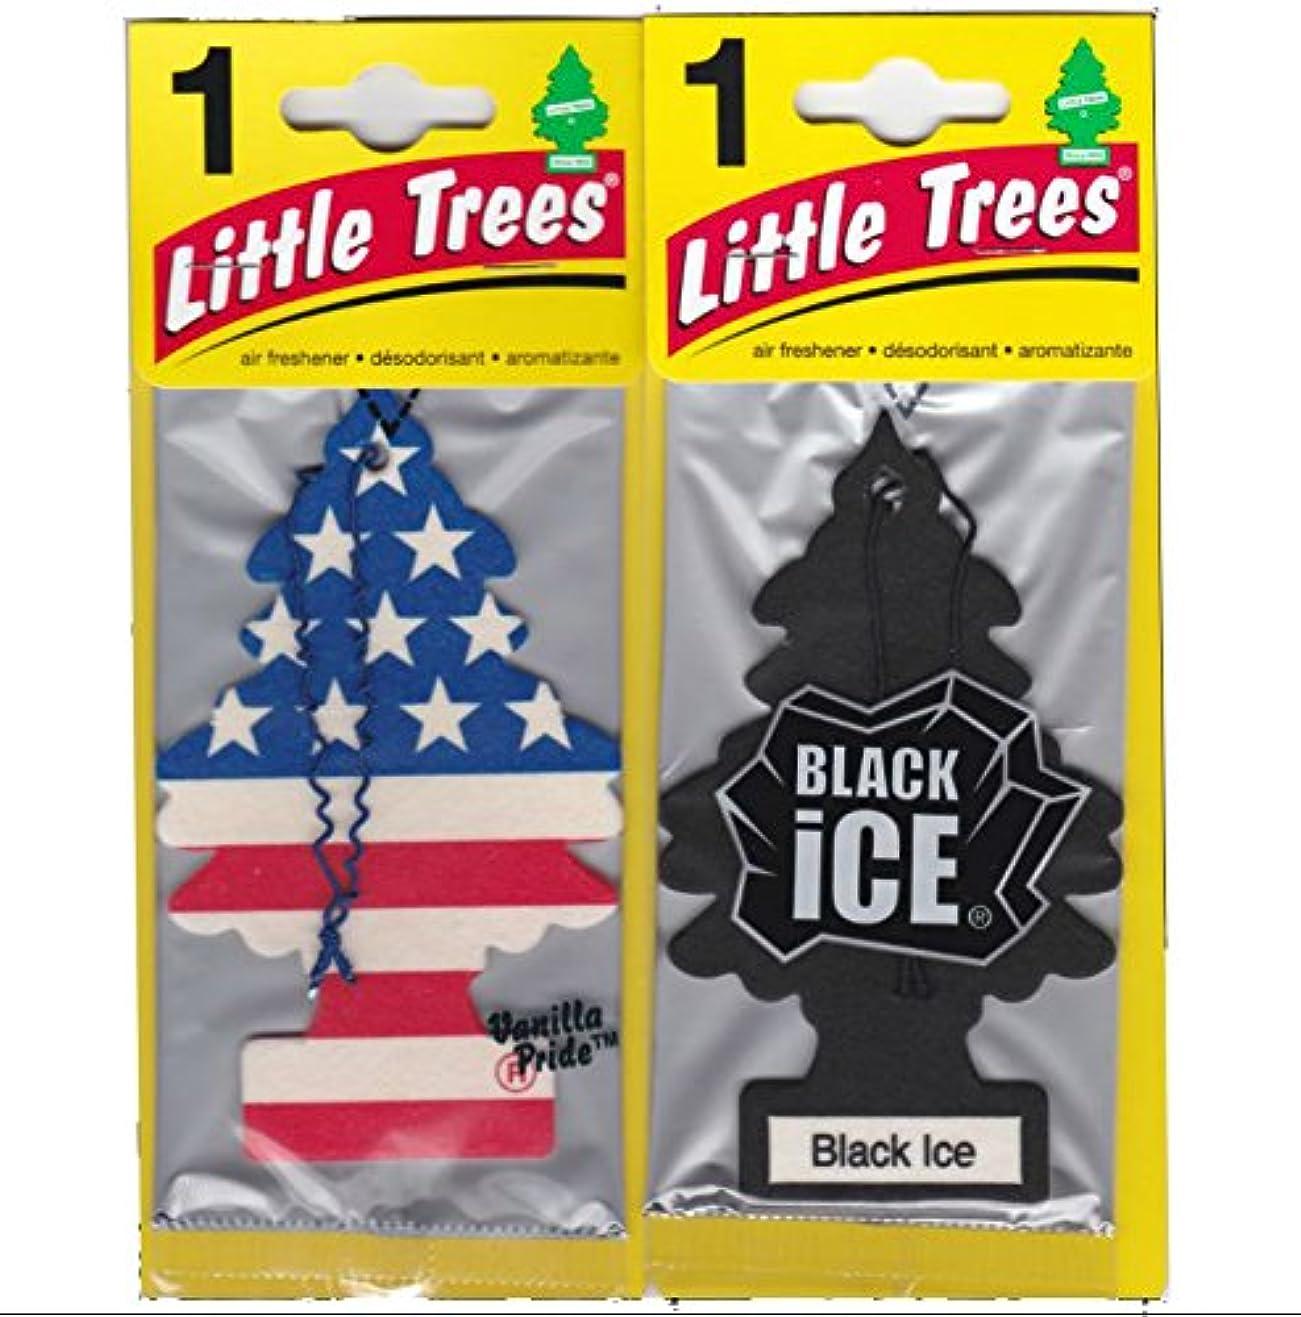 違反歴史的十代Little Trees 吊下げ式 芳香剤 エアーフレッシュナー ブラックアイス & バニラプライド [並行輸入品]